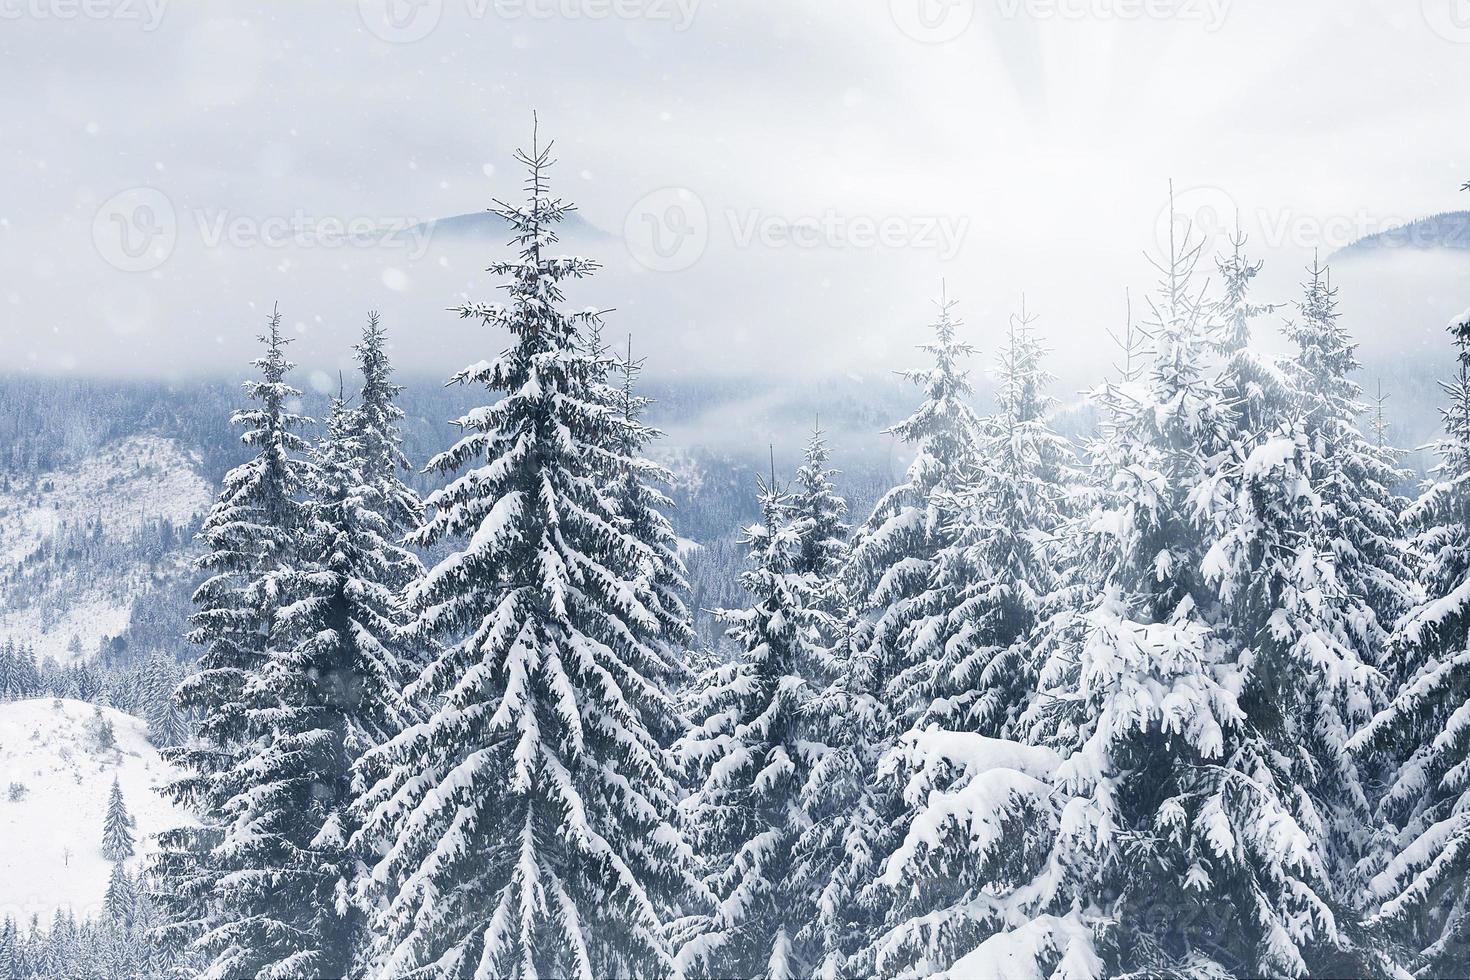 arbres couverts de givre et de neige dans les montagnes photo